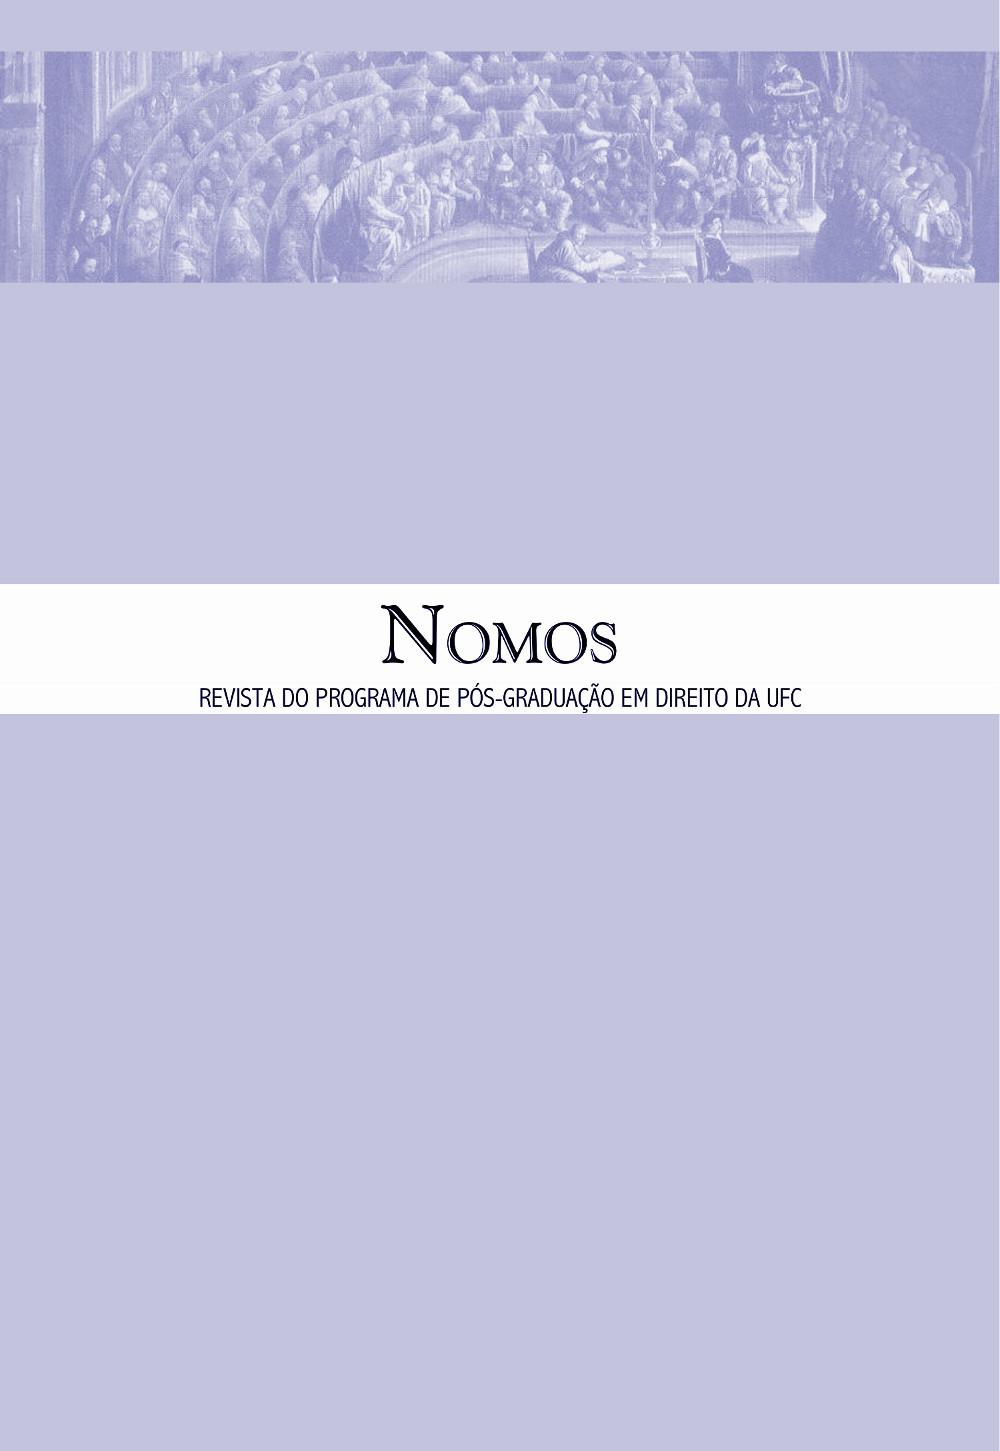 Nomos, volume 35, número 2, julho a dezembro de 2015